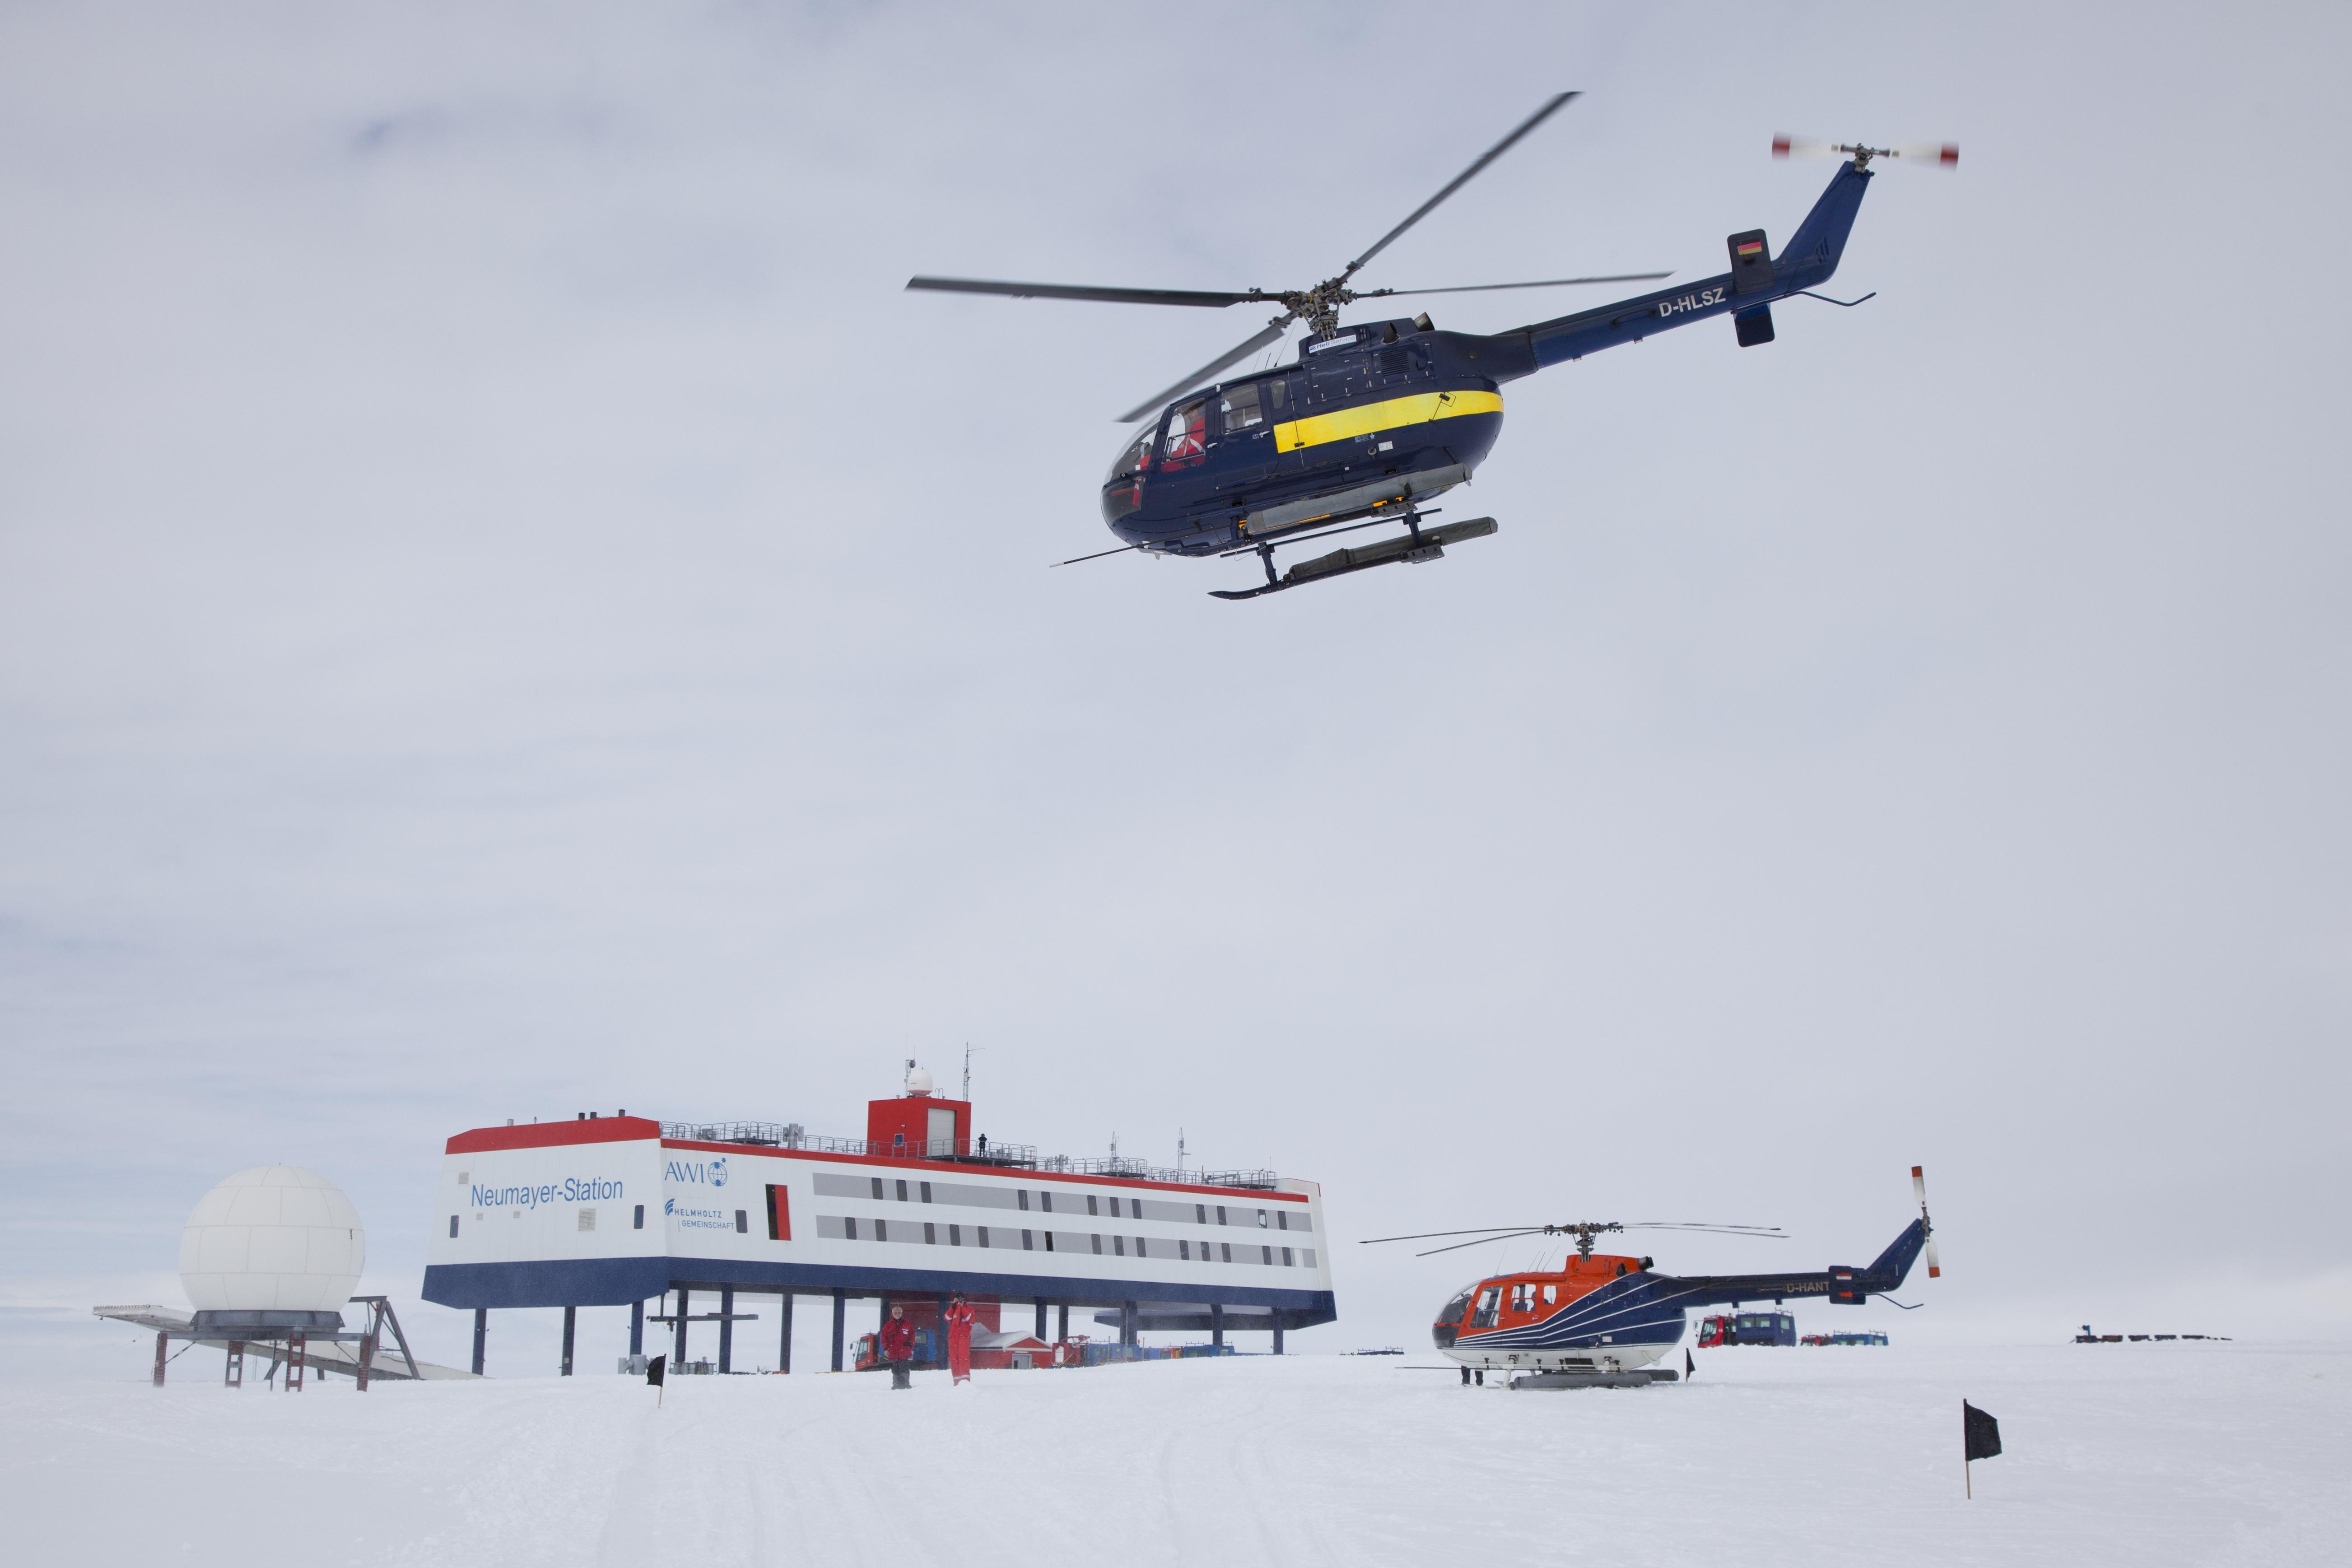 Der Helicopter der FS Polarstern bringt Gaeste vom Schiff zur Station.jpg